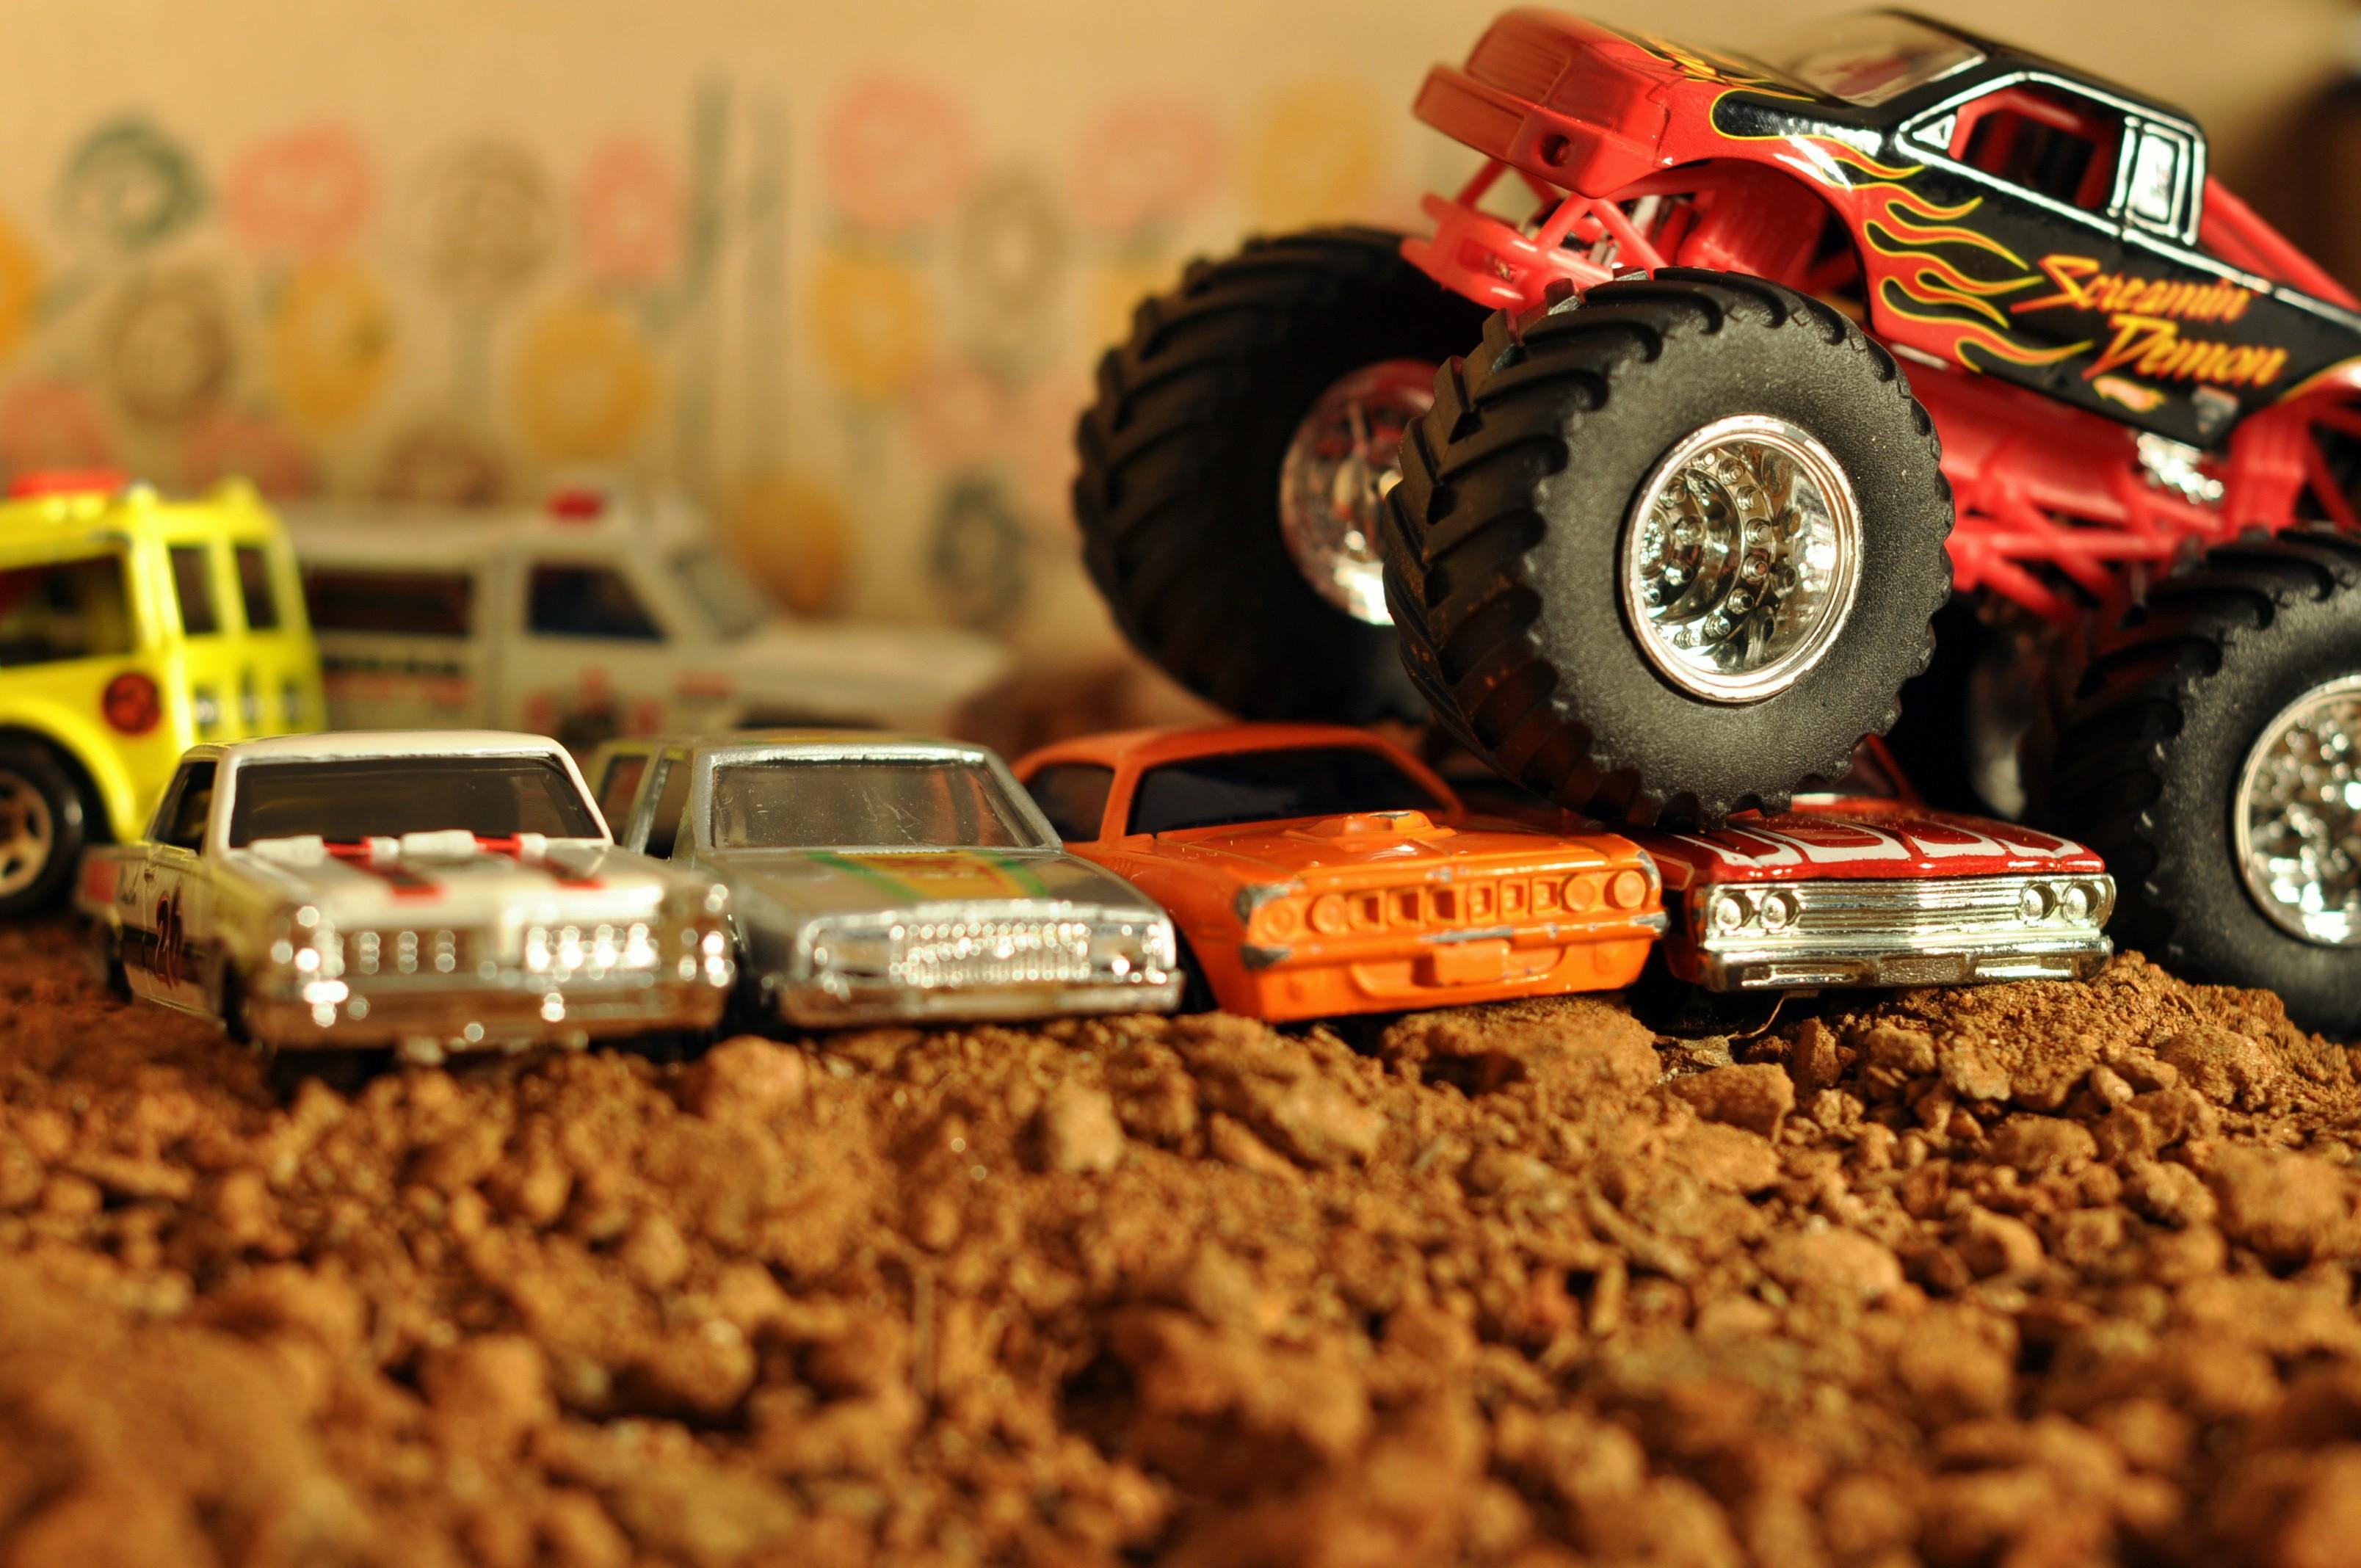 Wallpaper 3216x2136 Px Car Monster Trucks Toys 3216x2136